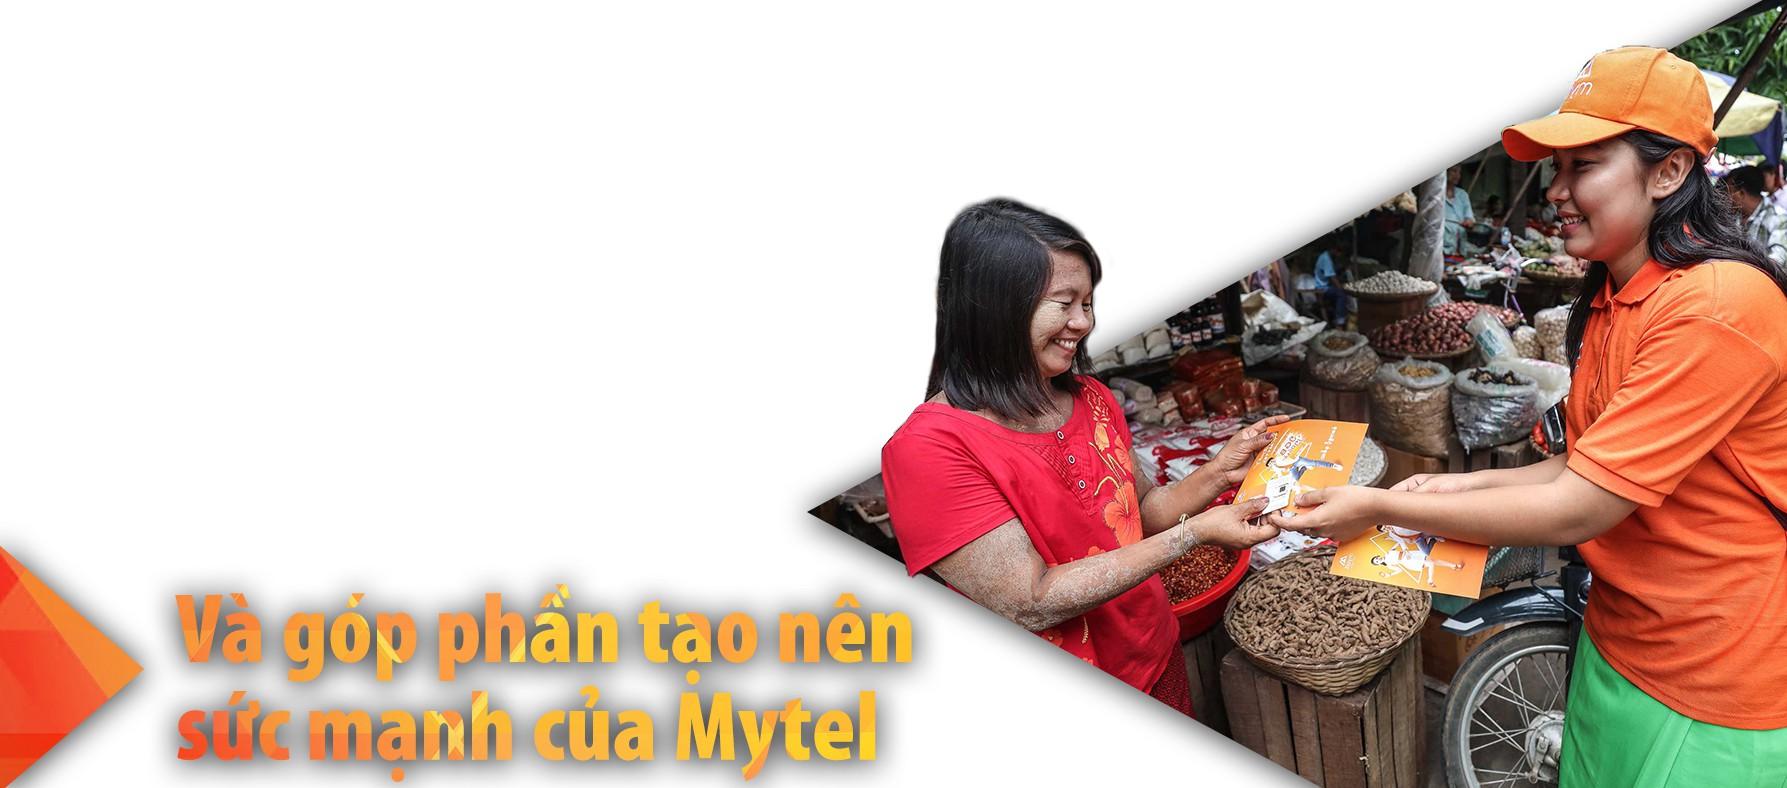 Nhân viên bán hàng: những người hùng thầm lặng của Mytel - Ảnh 7.